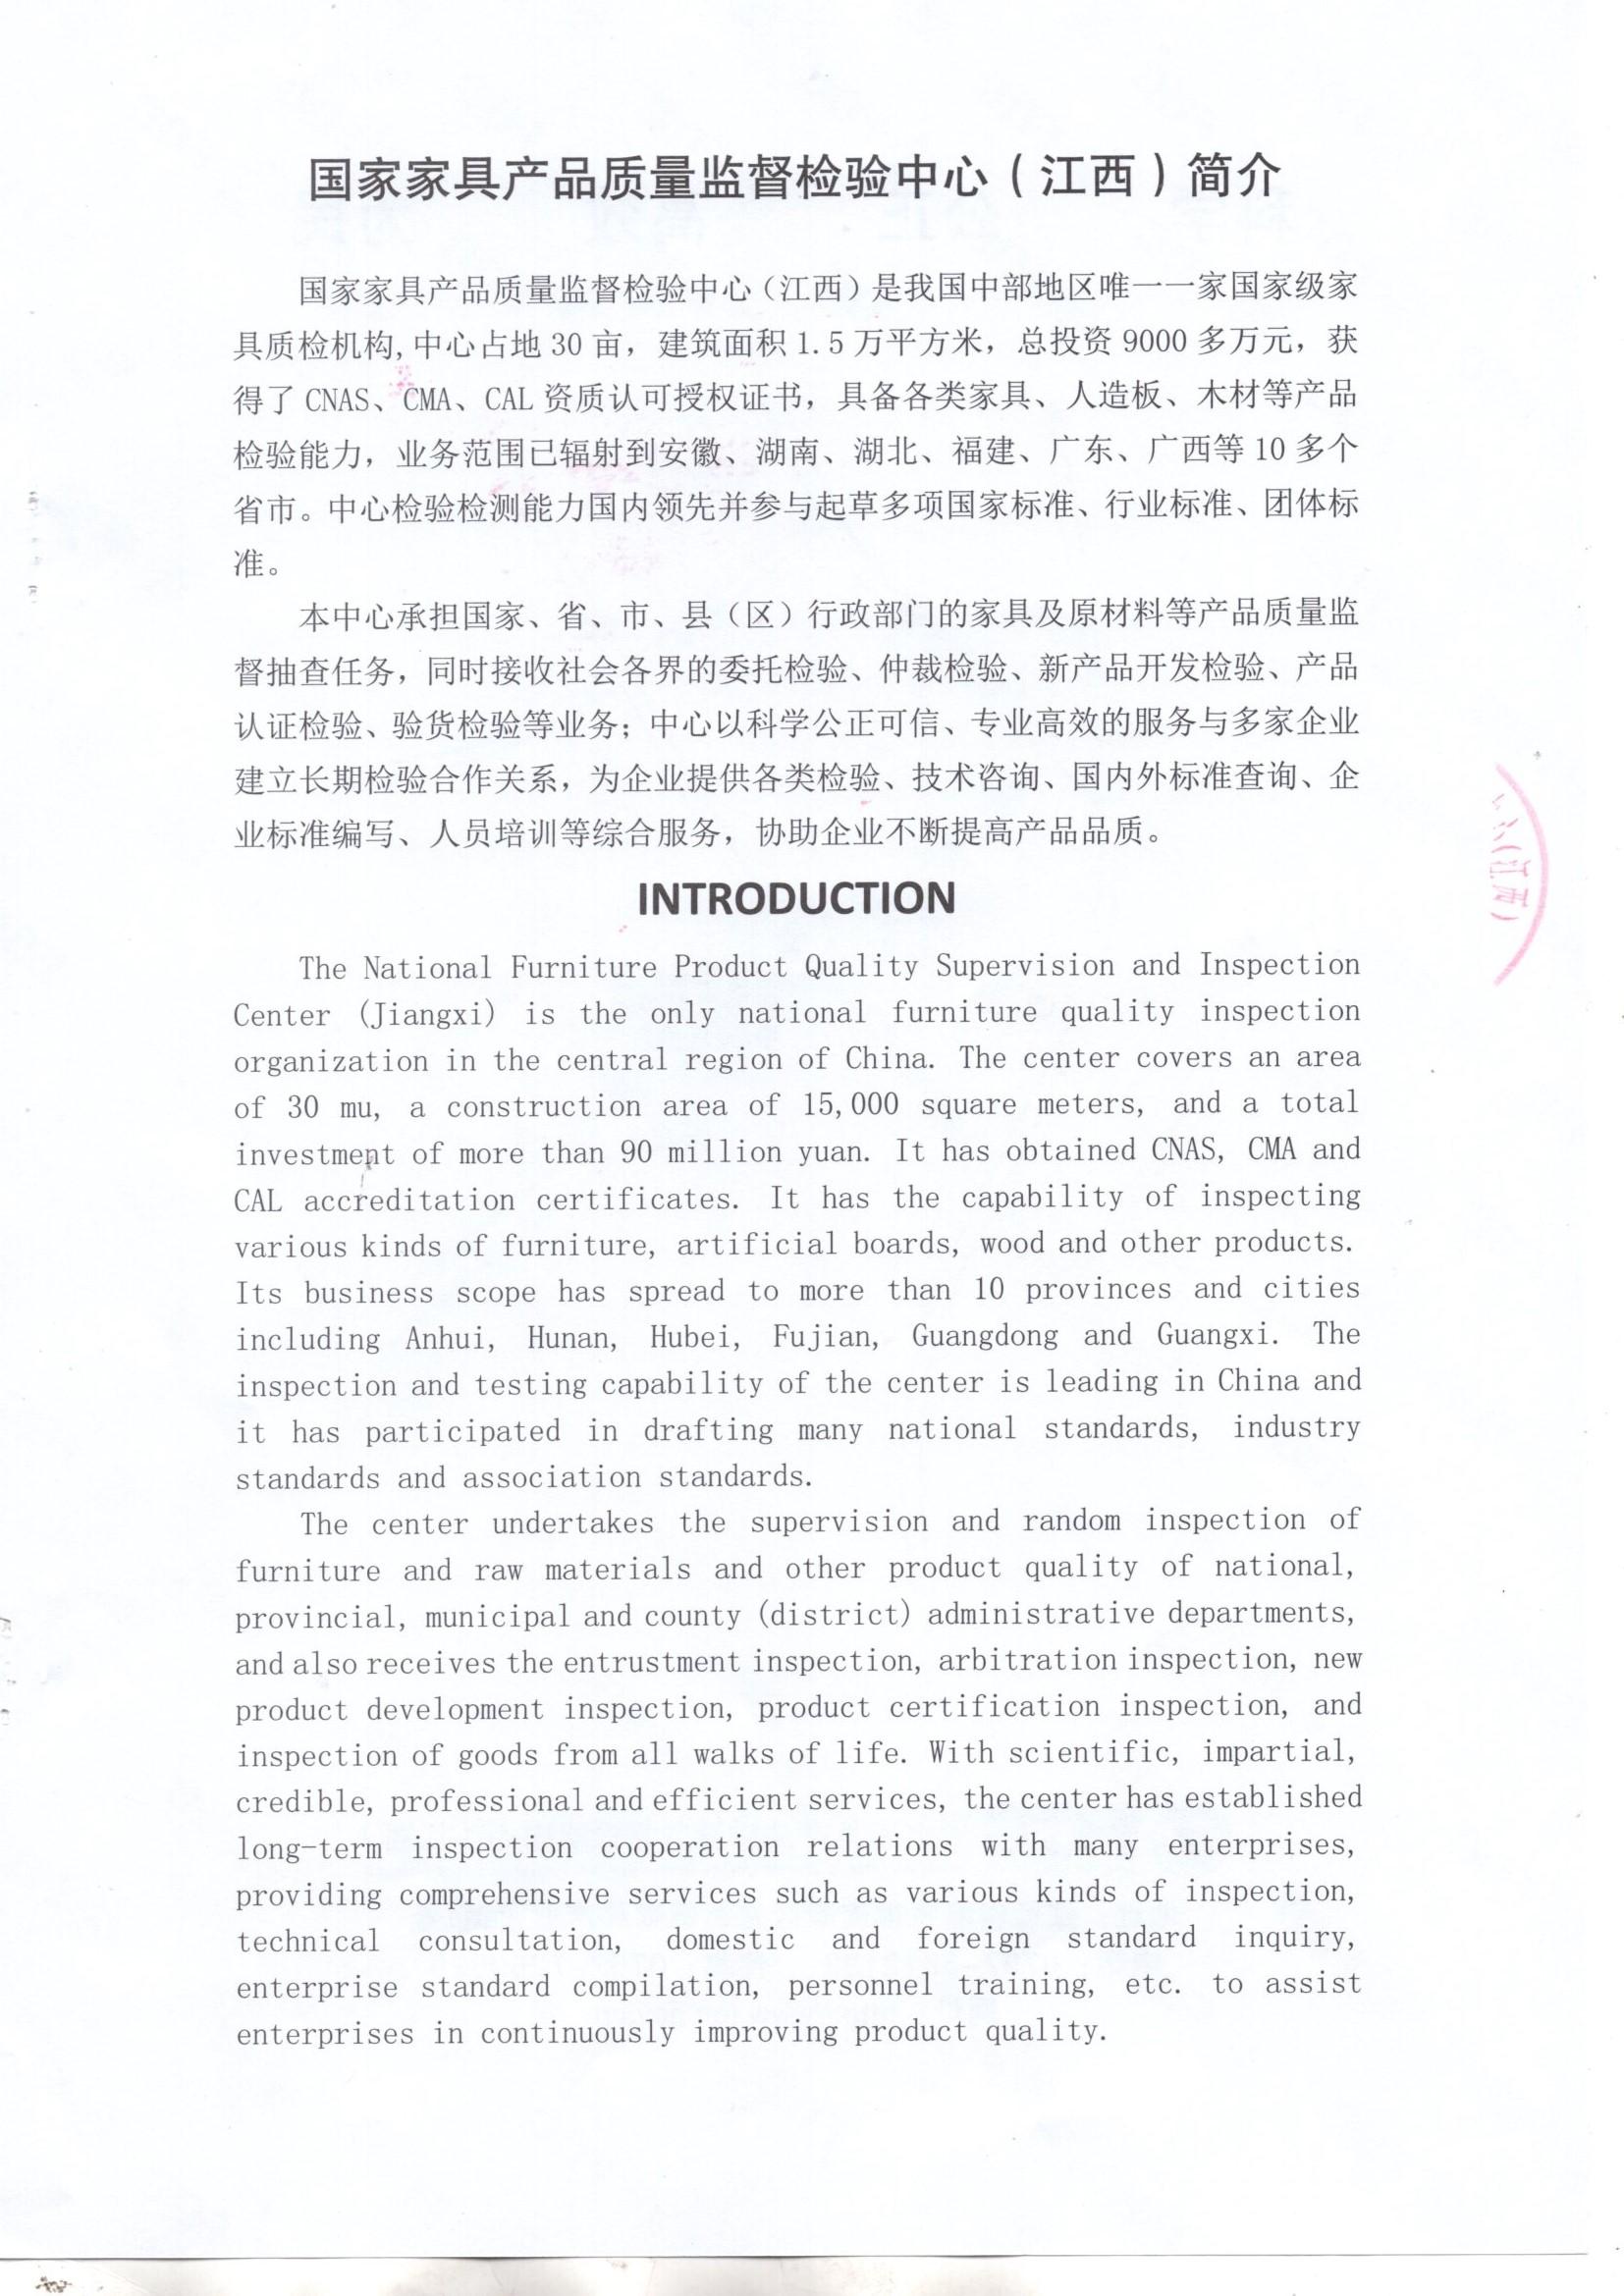 钢木智能电动文物架-检验报告